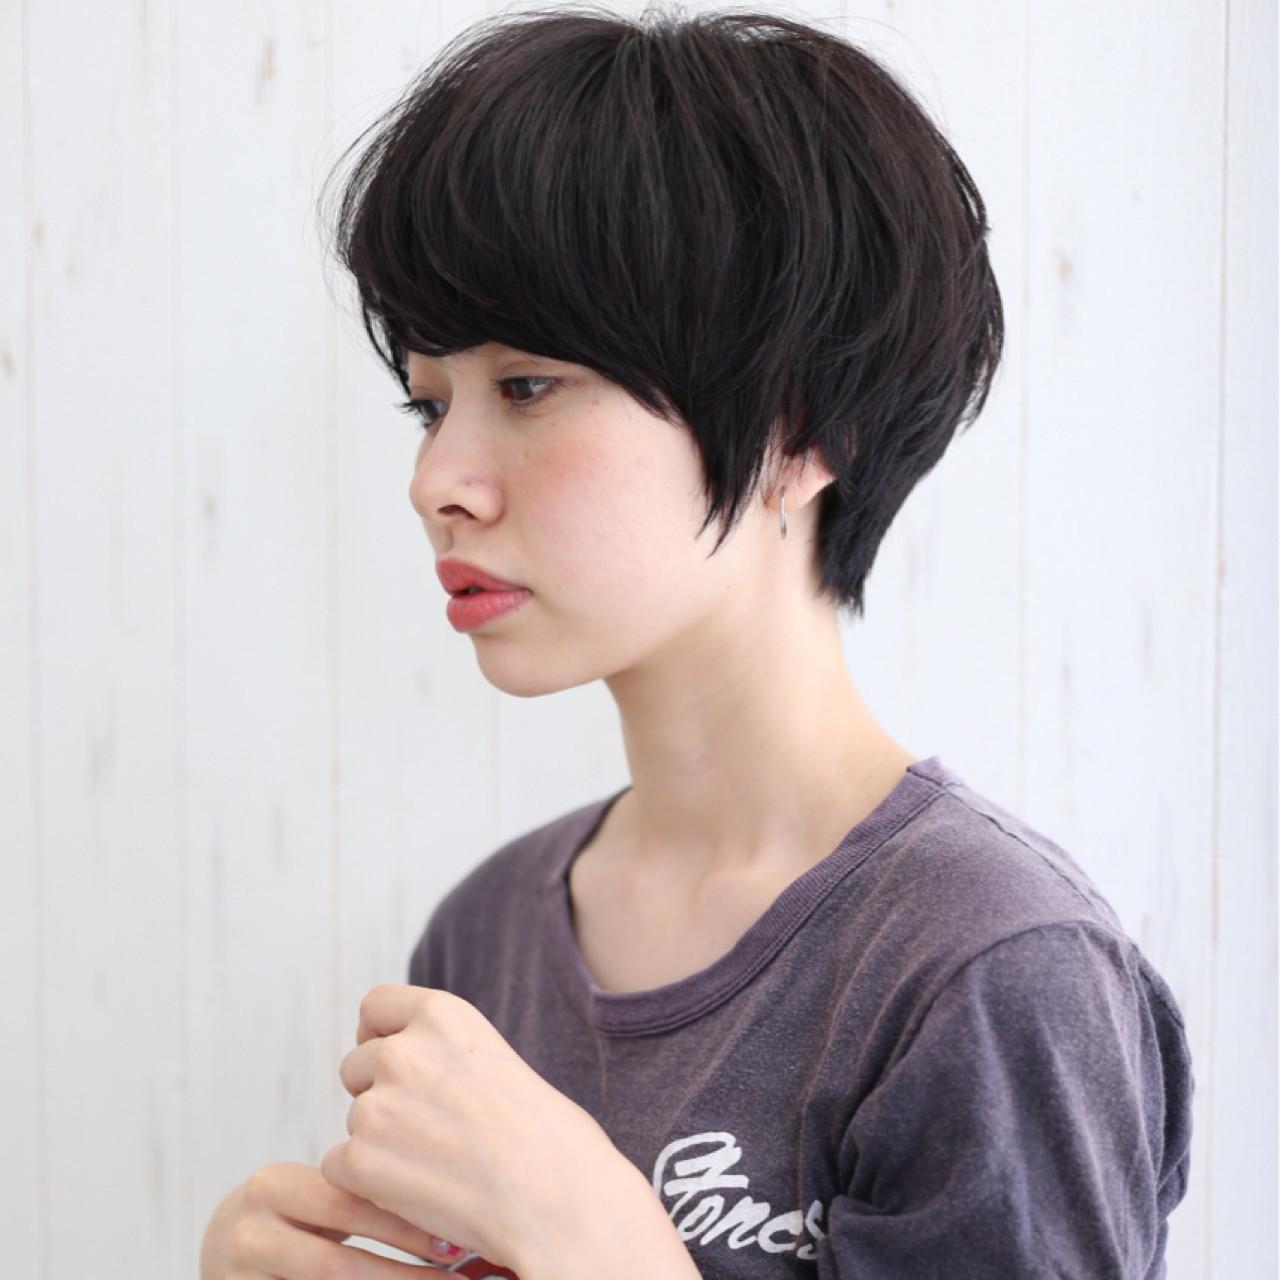 似合わせカットでもっとかわいく☆面長さんのショートヘア 我妻智紀